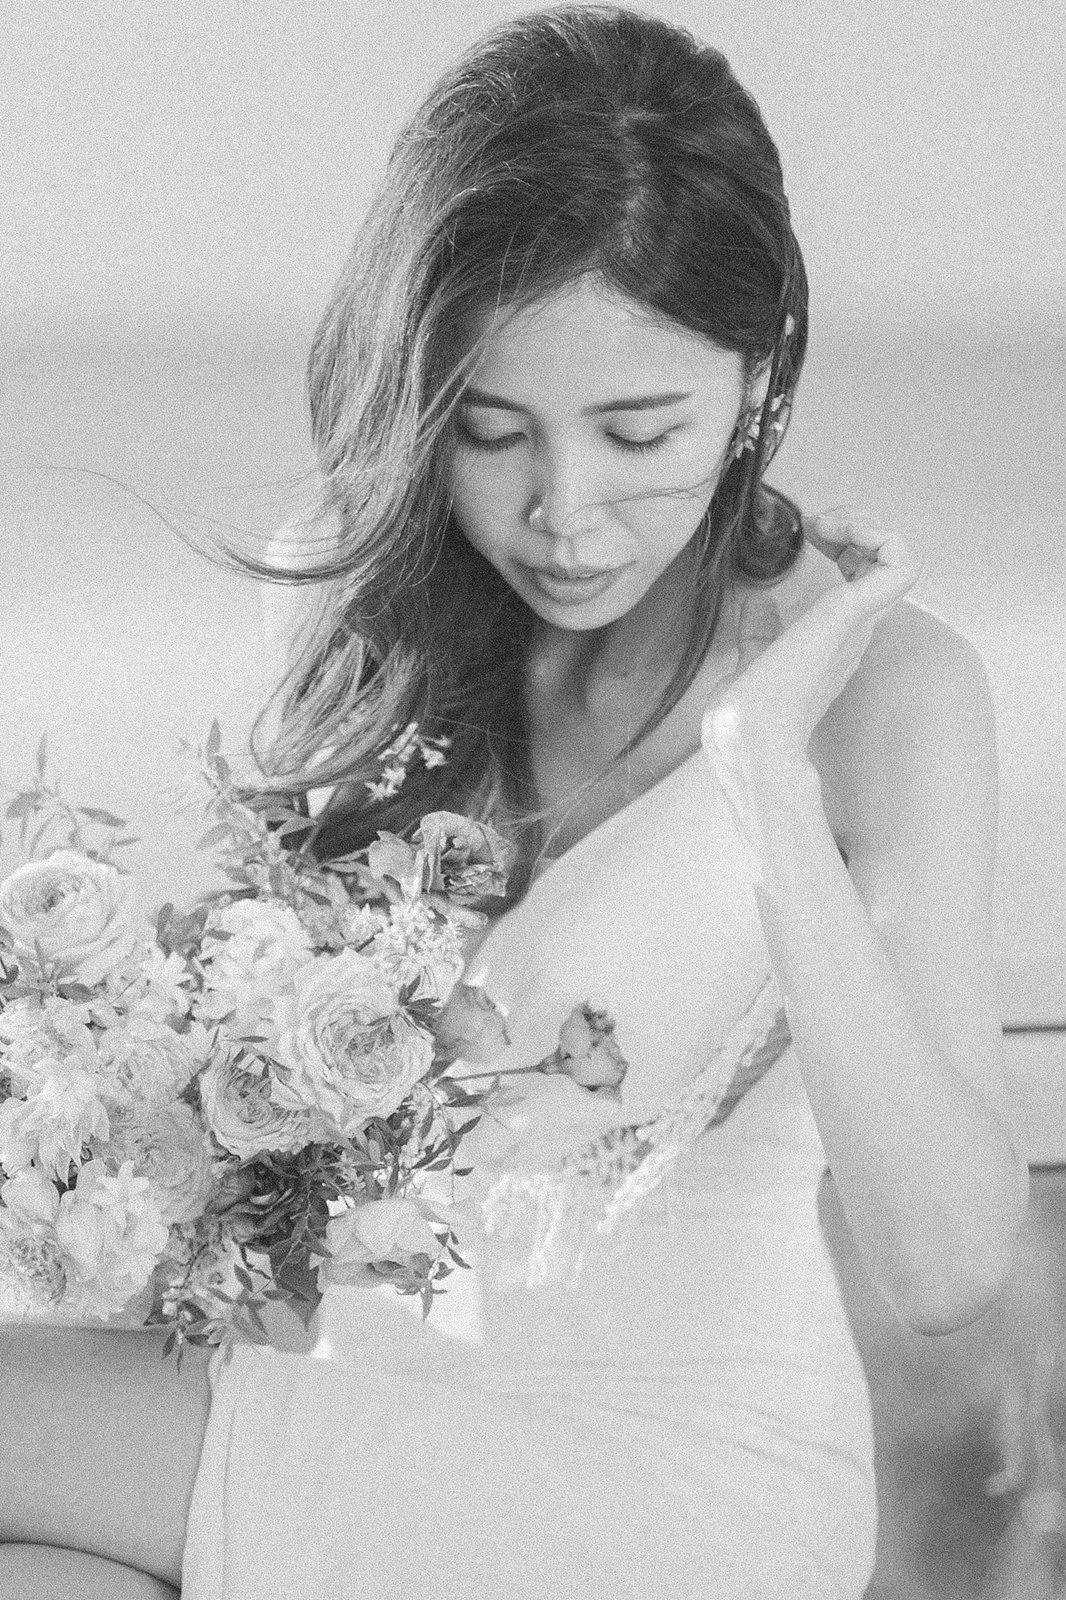 【婚紗】Yif & Zying / 淡水沙崙 / EASTERN WEDDING studio